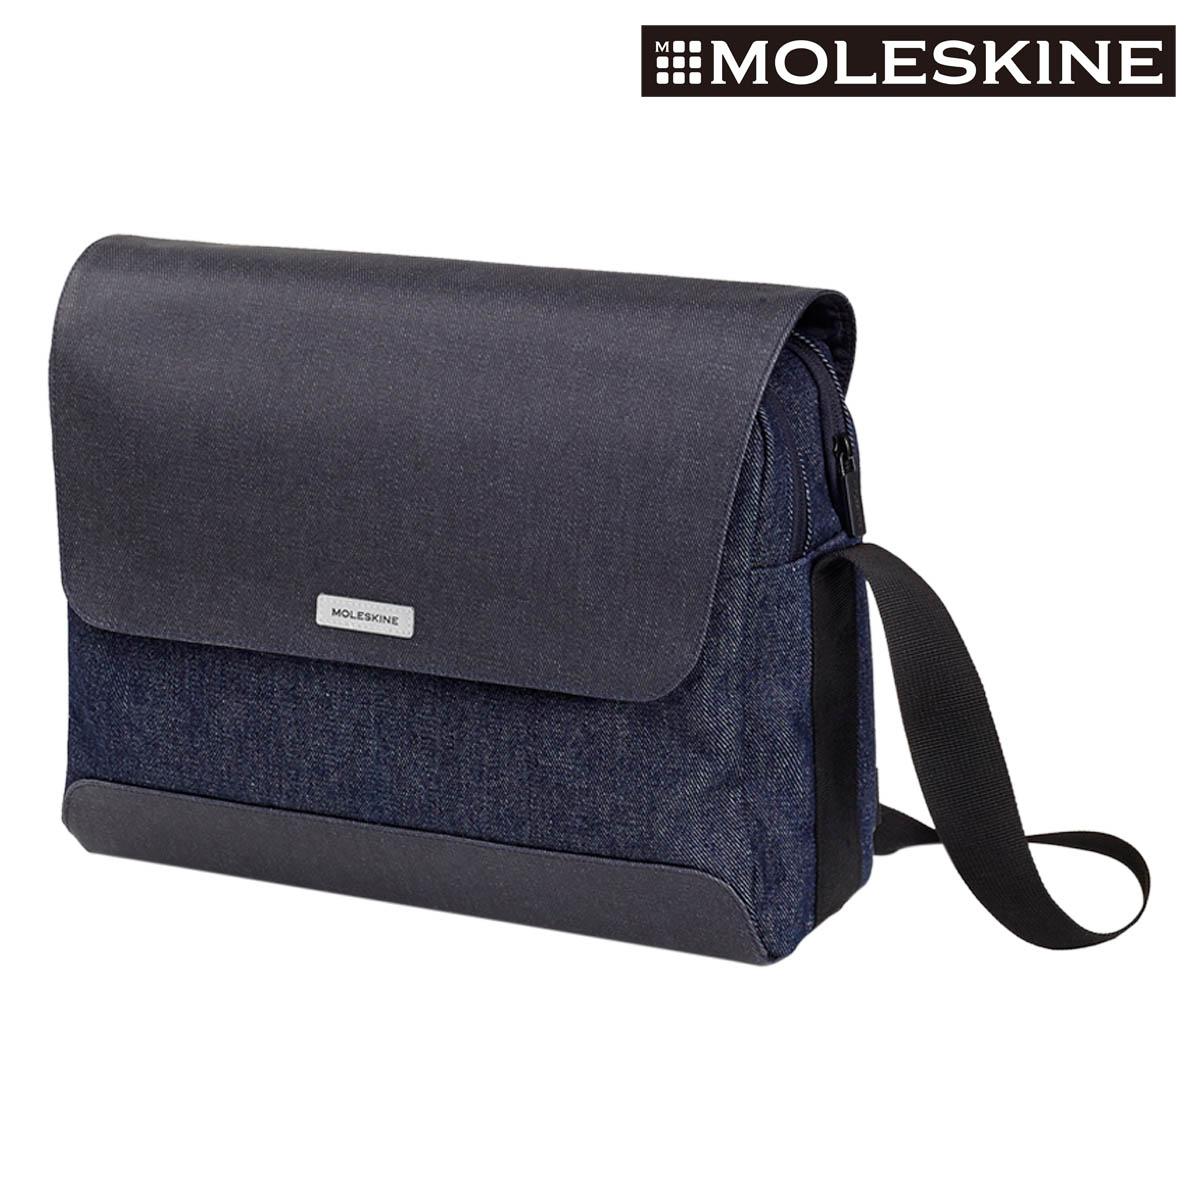 モレスキン メッセンジャーバッグ Nomado メンズ レディース Moleskine | ショルダーバッグ 軽量[bef]